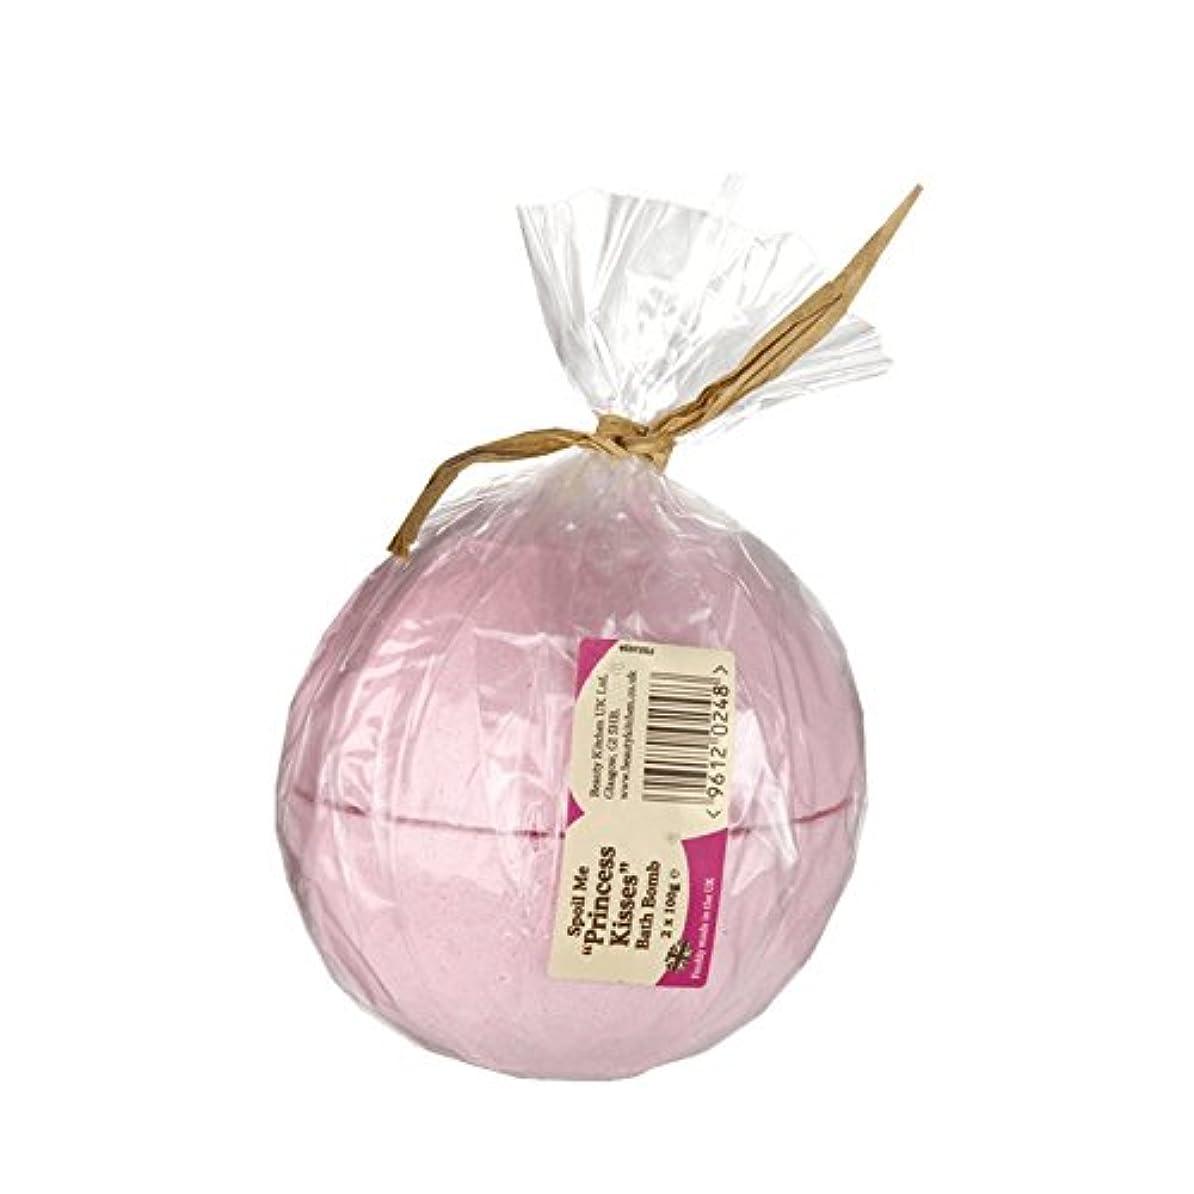 触覚カテナメアリアンジョーンズBeauty Kitchen Spoil Me Princess Kisses Bath Bomb 2 x 100g (Pack of 2) - 私台無し美容キッチン王女は、お風呂爆弾2×100グラムをキス (x2) [並行輸入品]